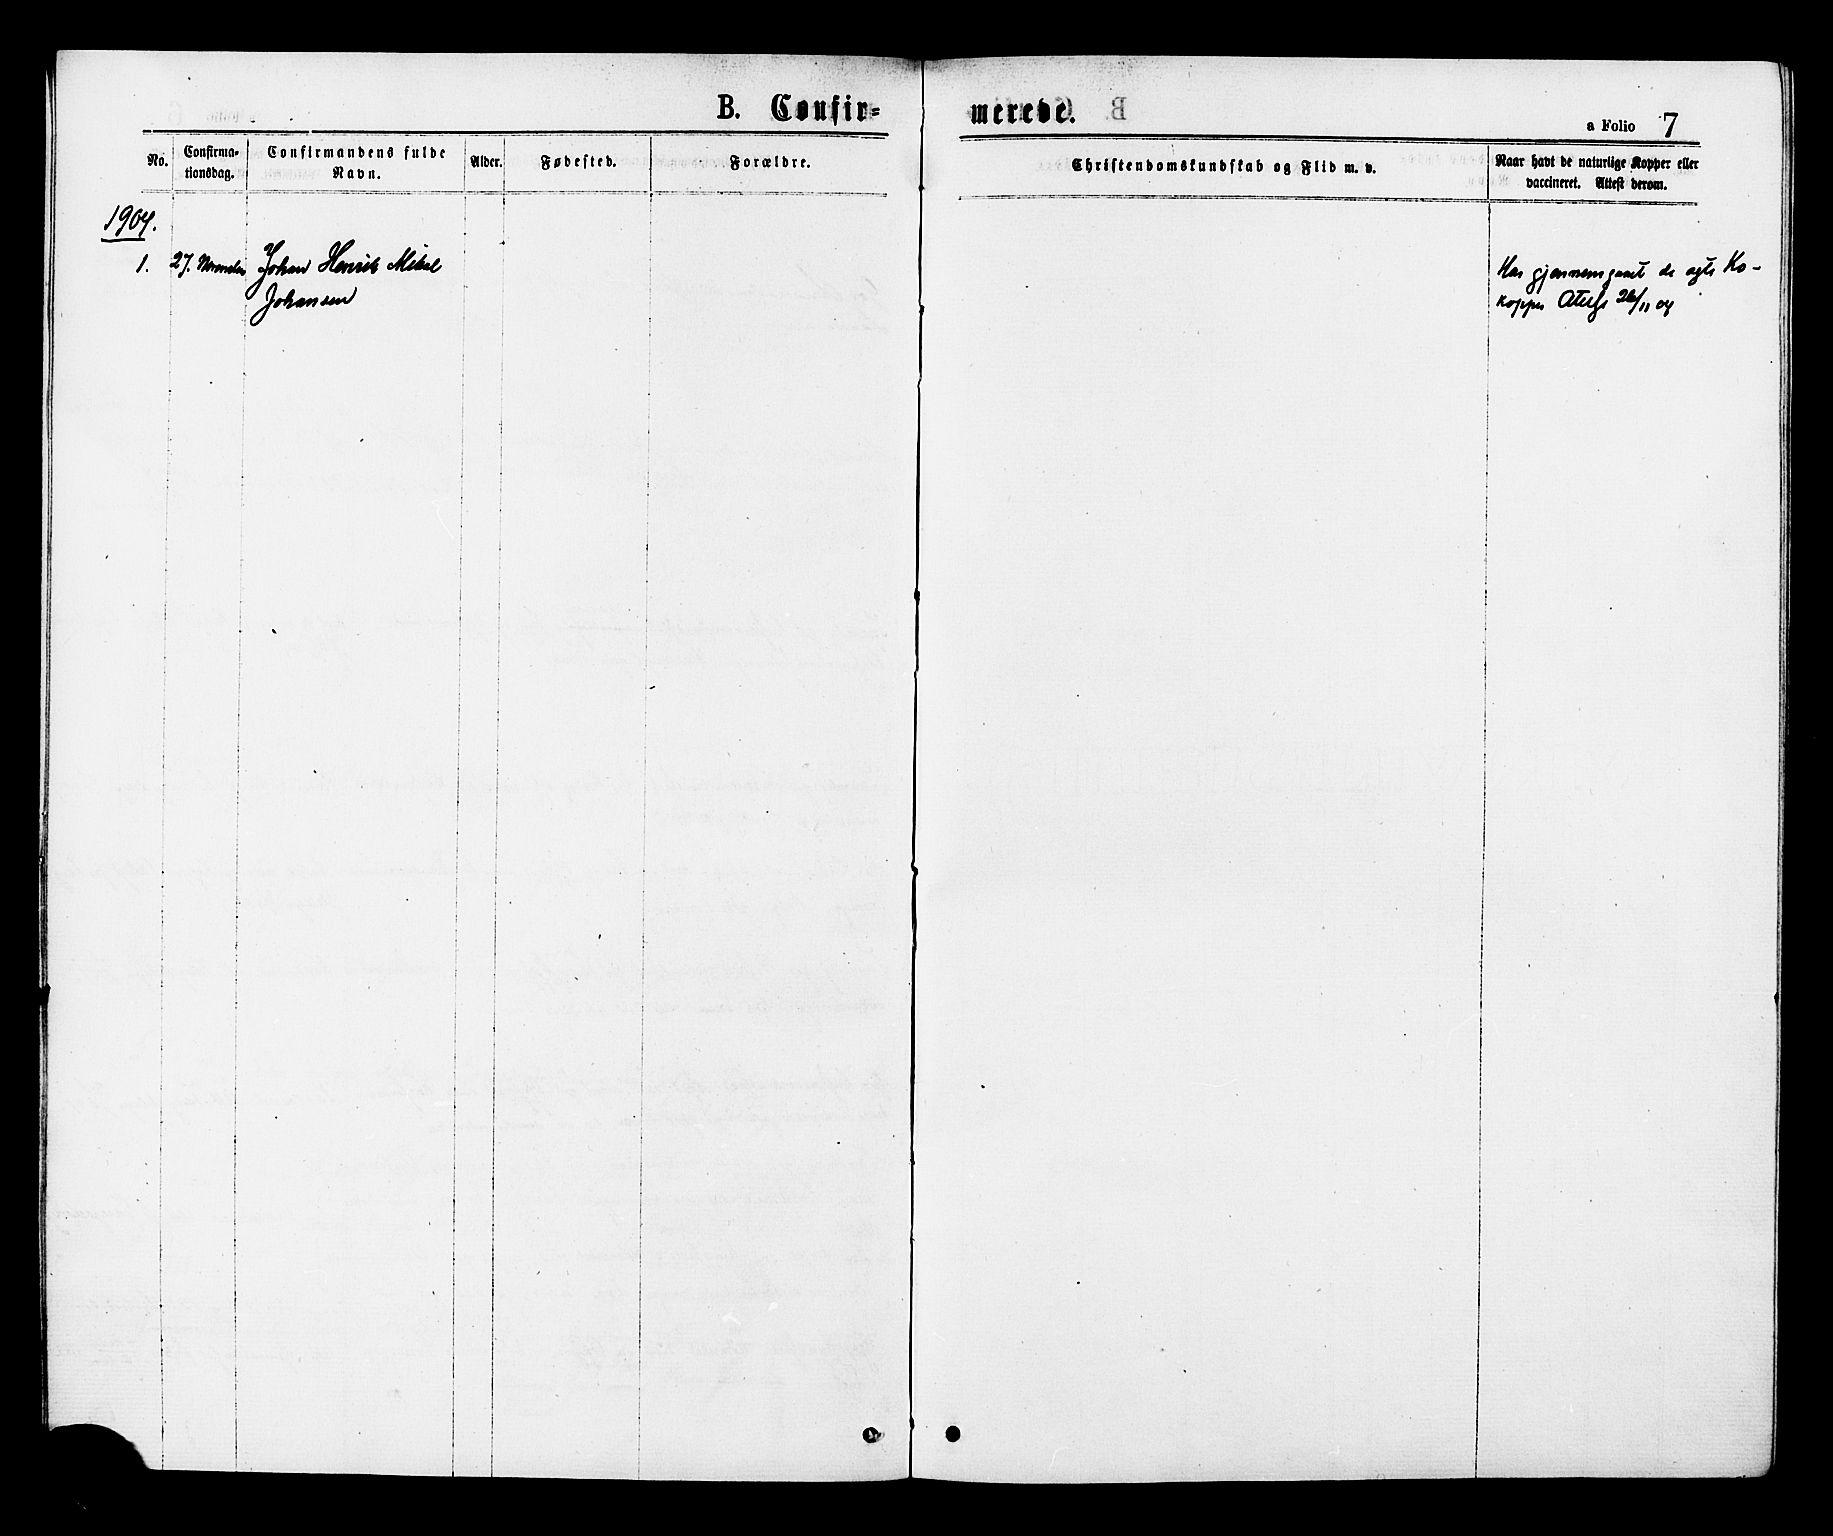 SAT, Ministerialprotokoller, klokkerbøker og fødselsregistre - Sør-Trøndelag, 624/L0482: Ministerialbok nr. 624A03, 1870-1918, s. 7